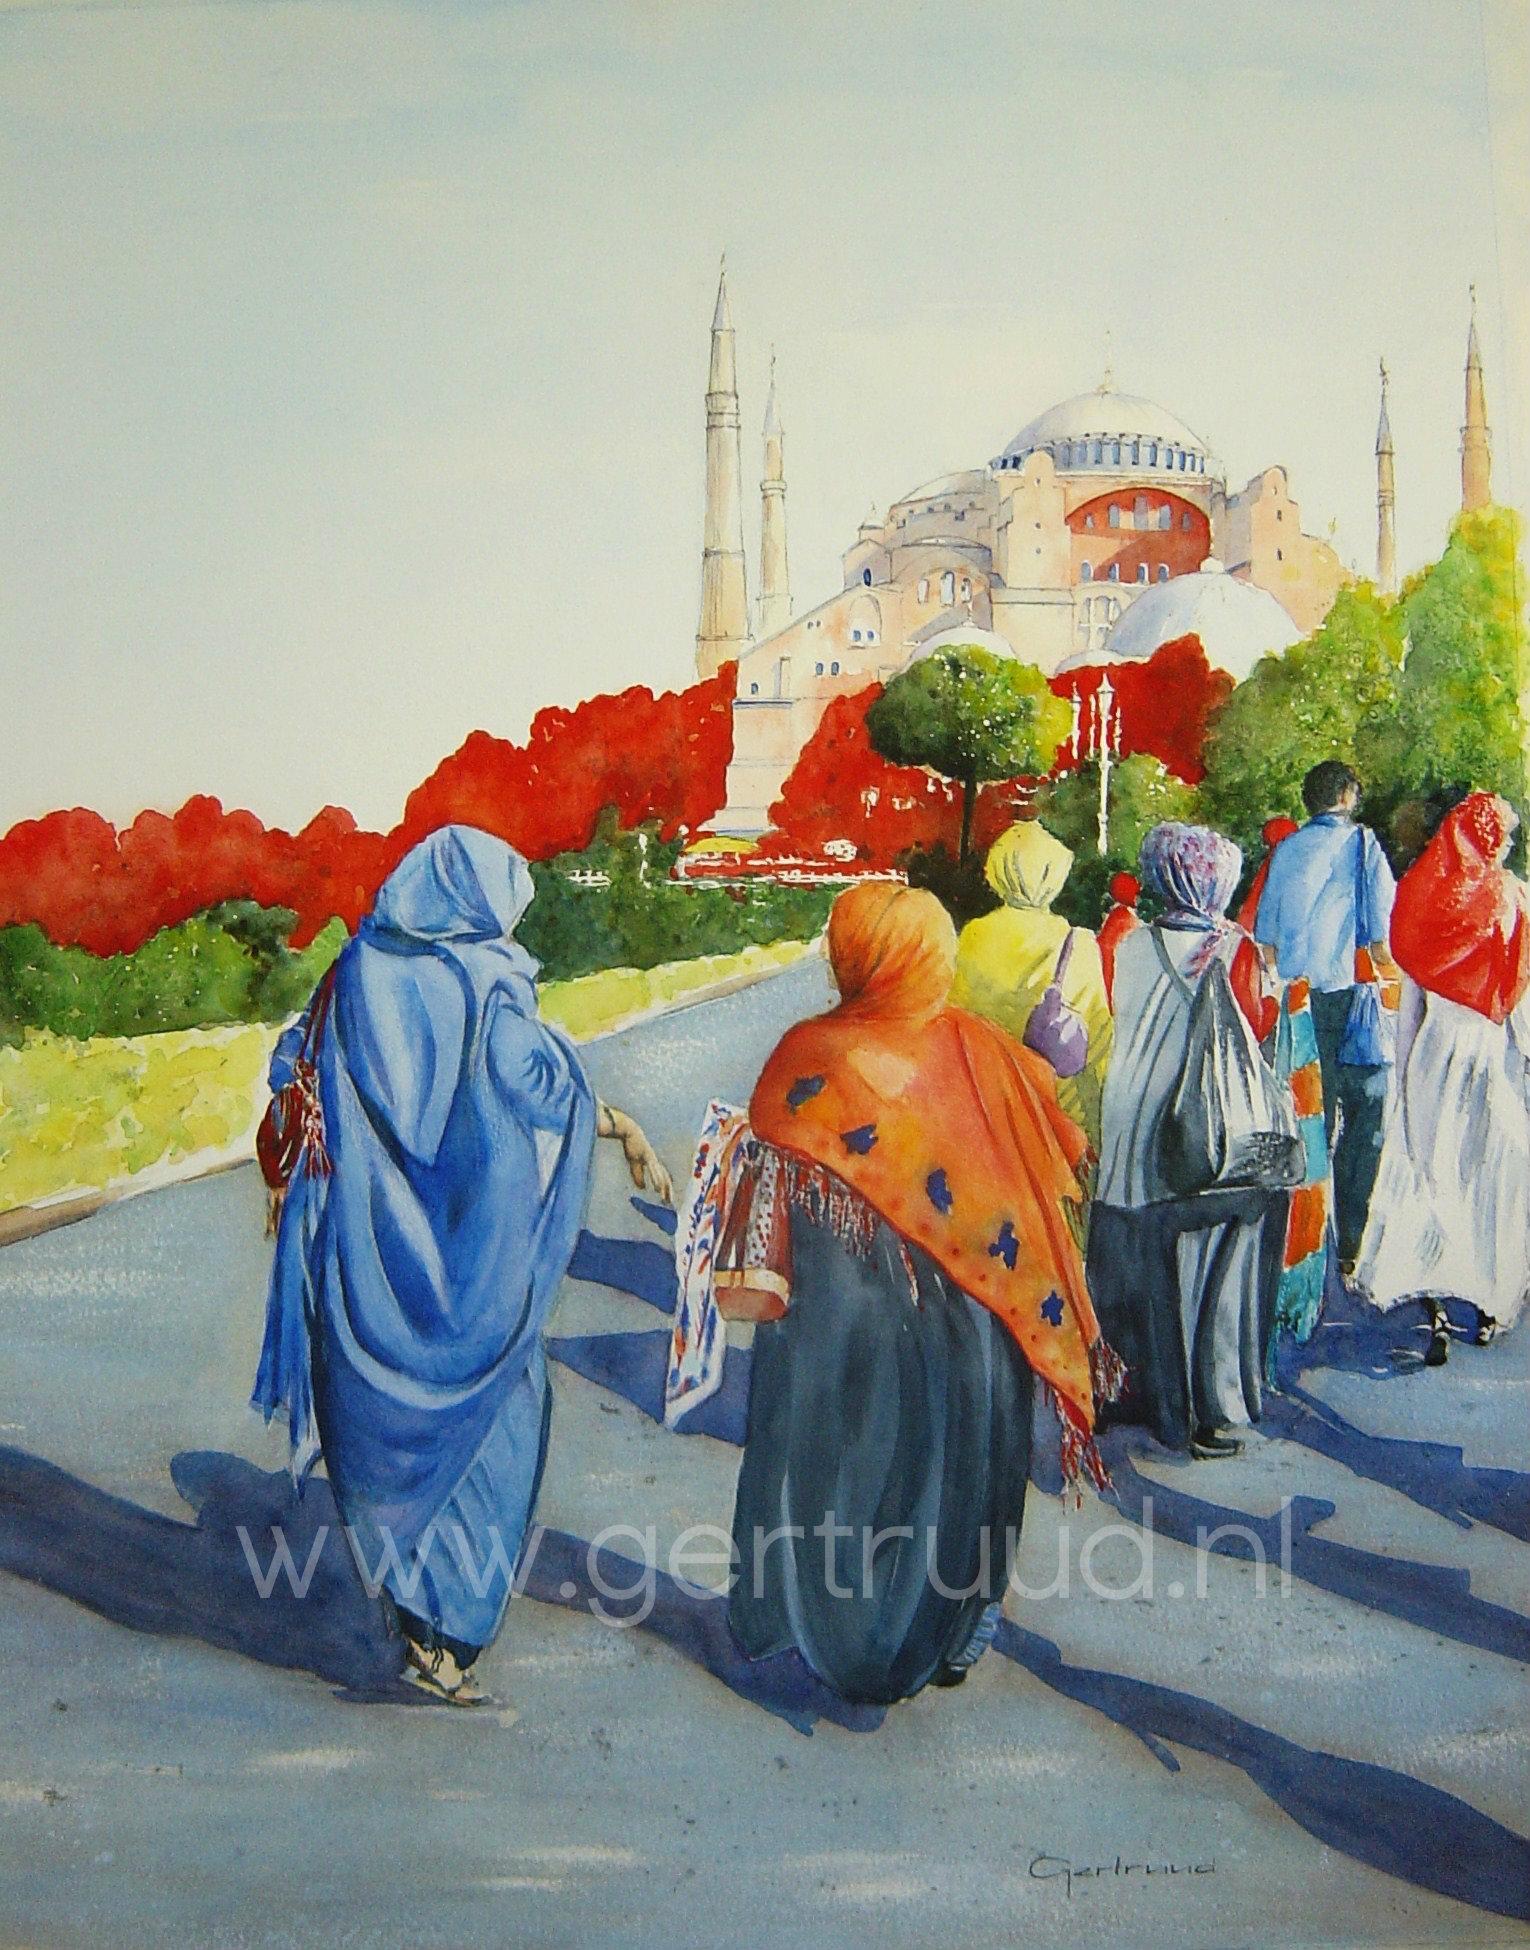 Istanbul watermerk